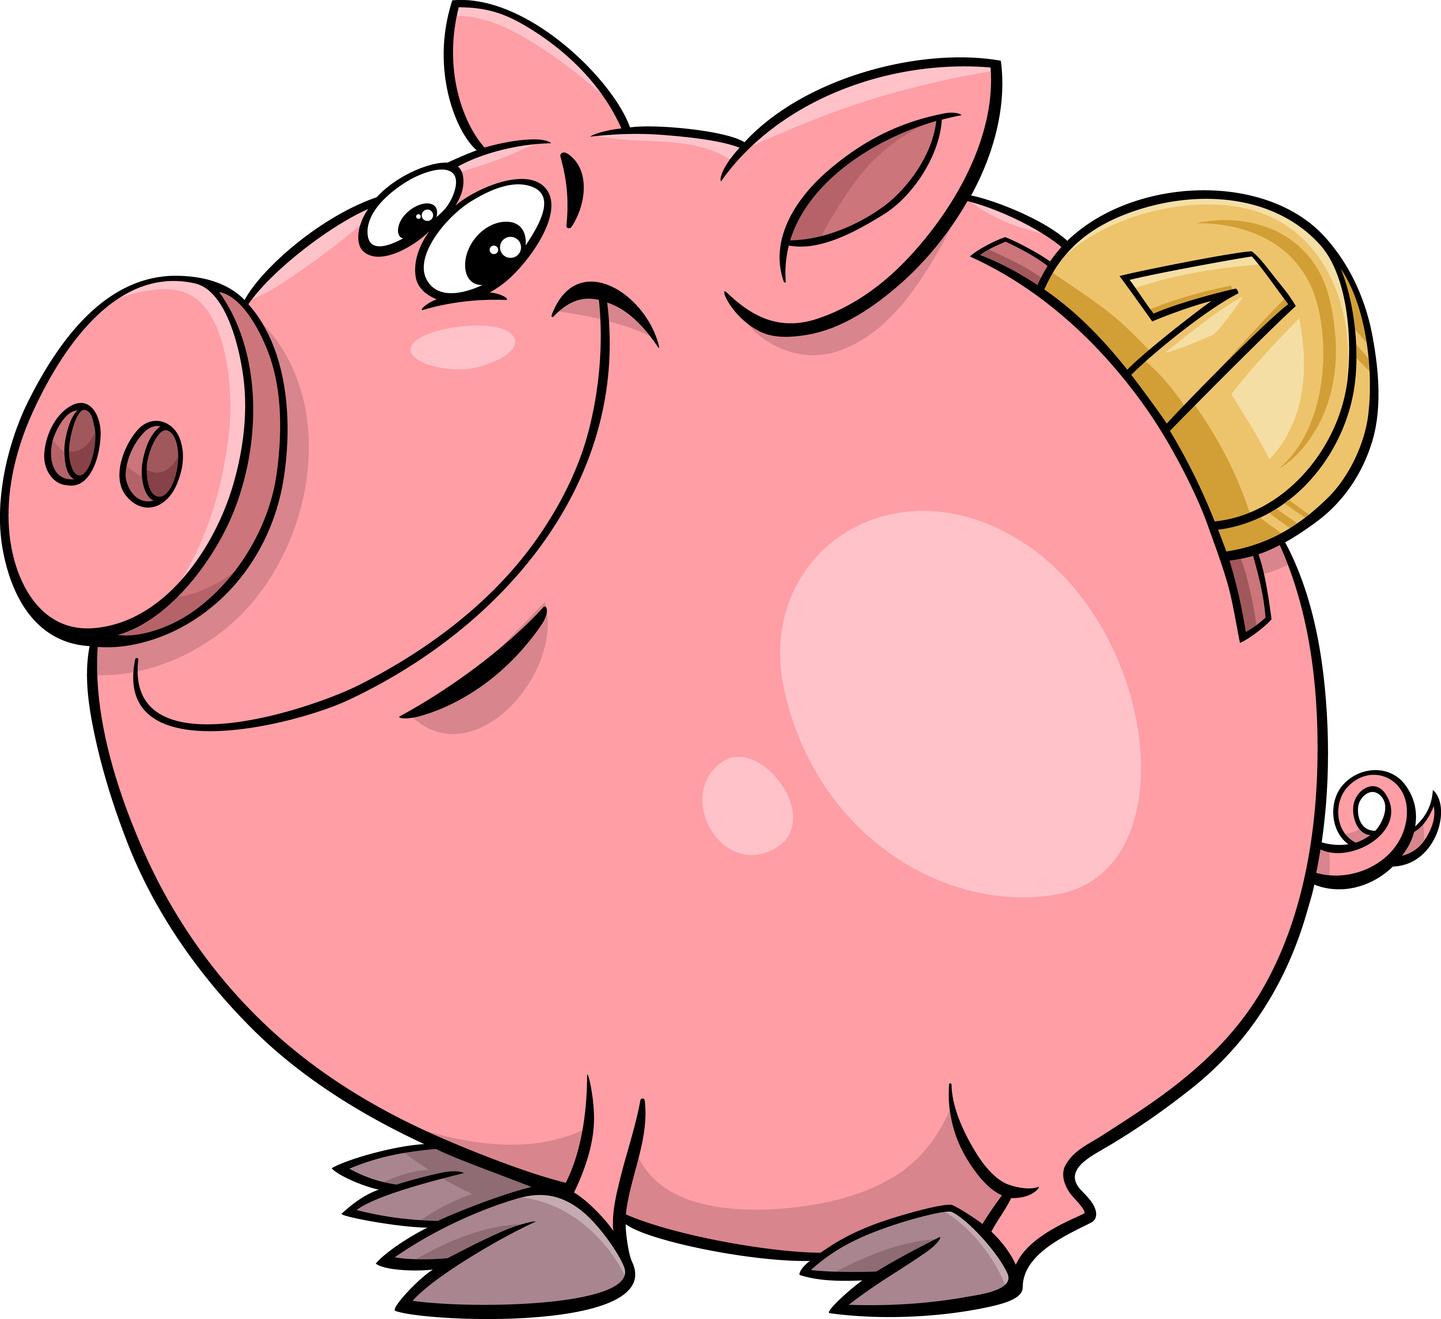 这款虚拟小猪面向年轻的移动消费者推向市场